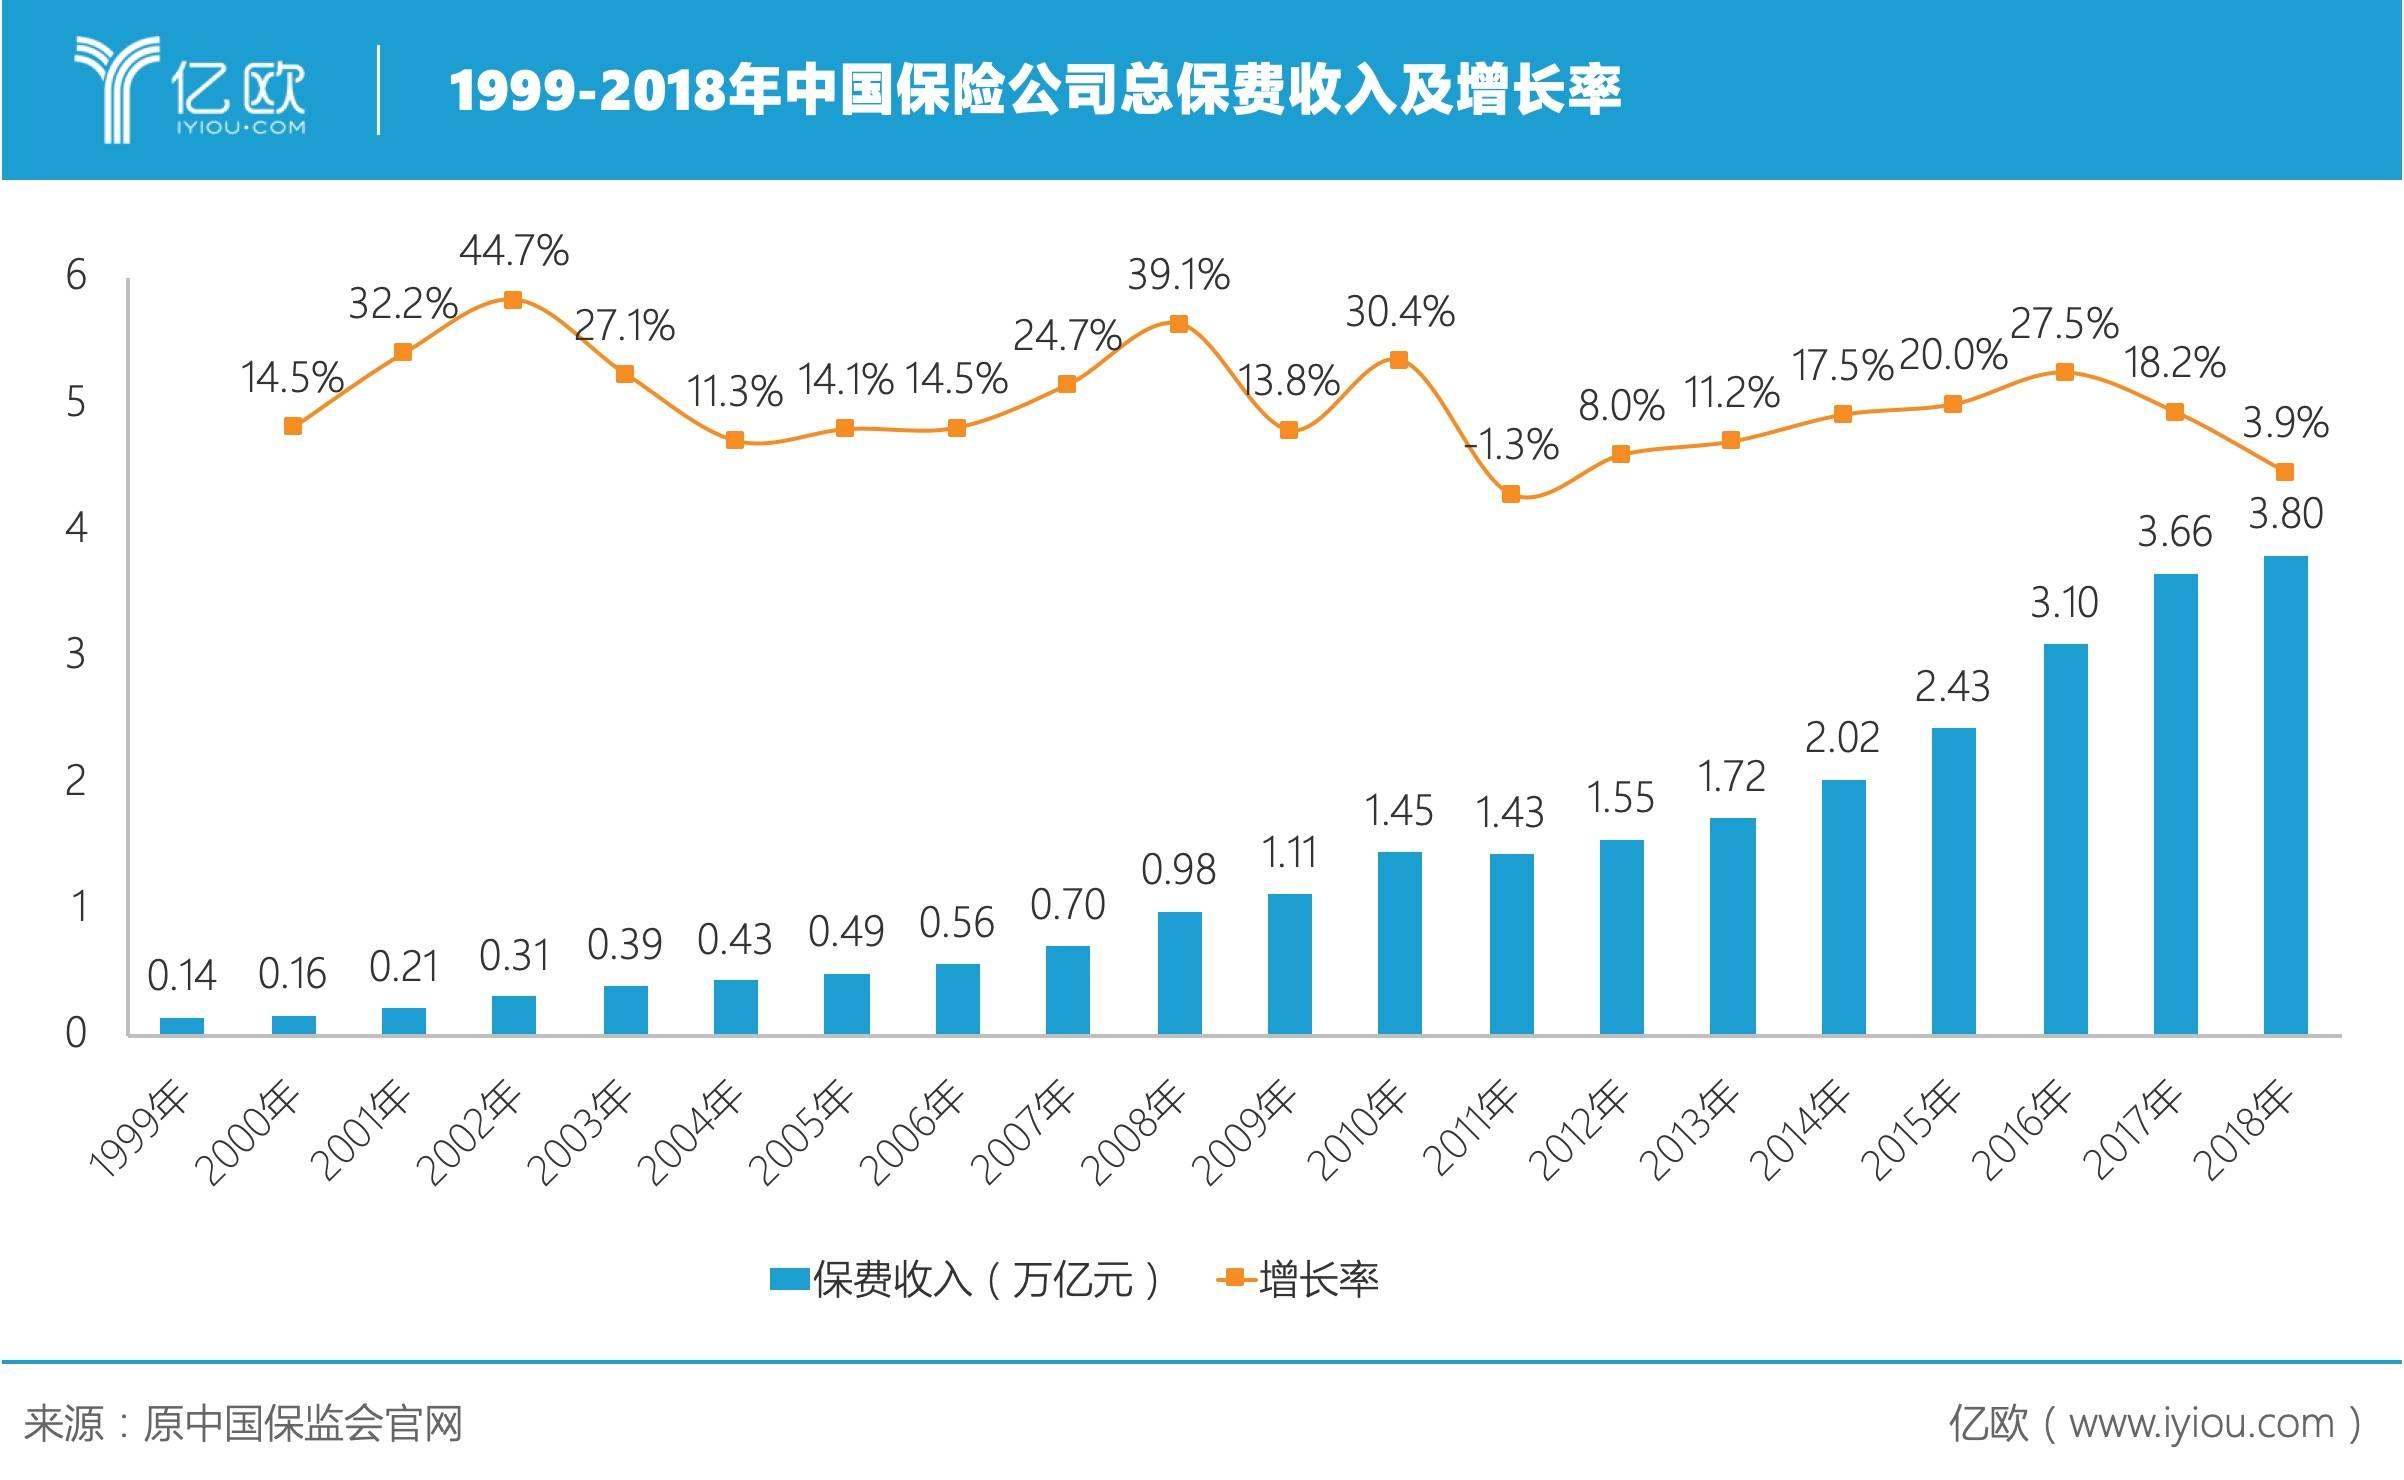 1999-2018年中國保險公司總保費收入及增長率